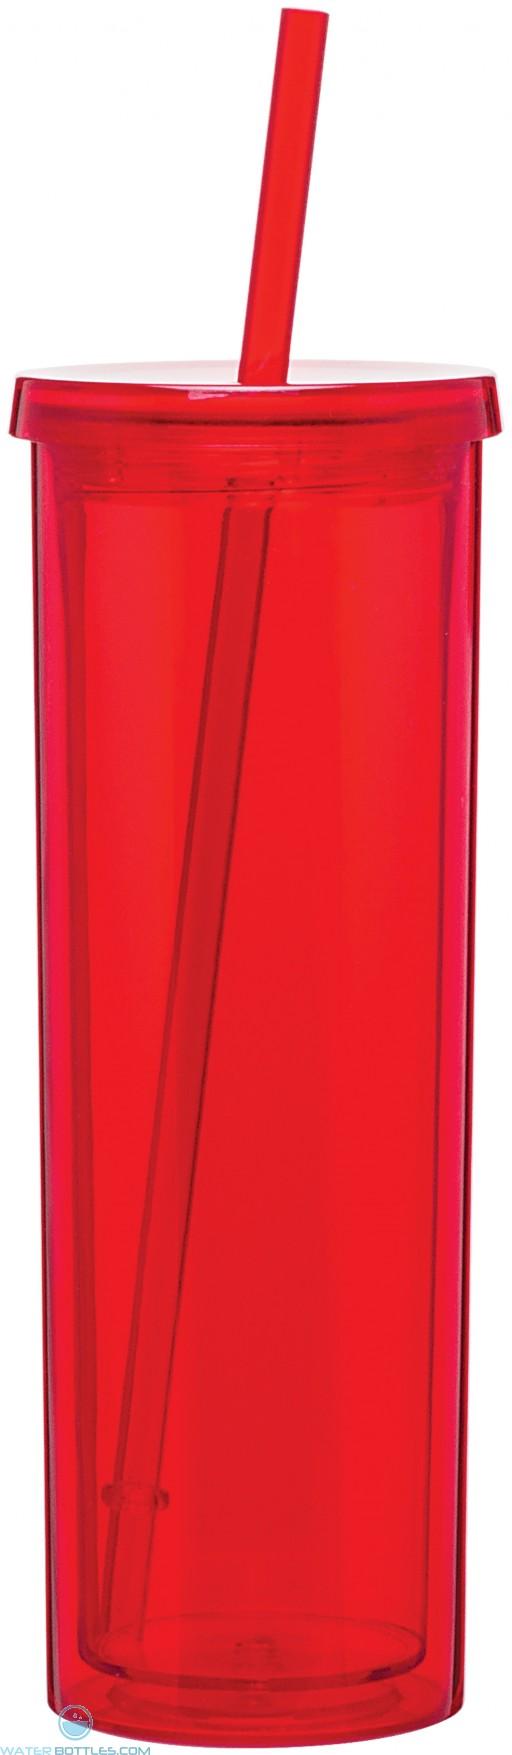 16 oz verano-red